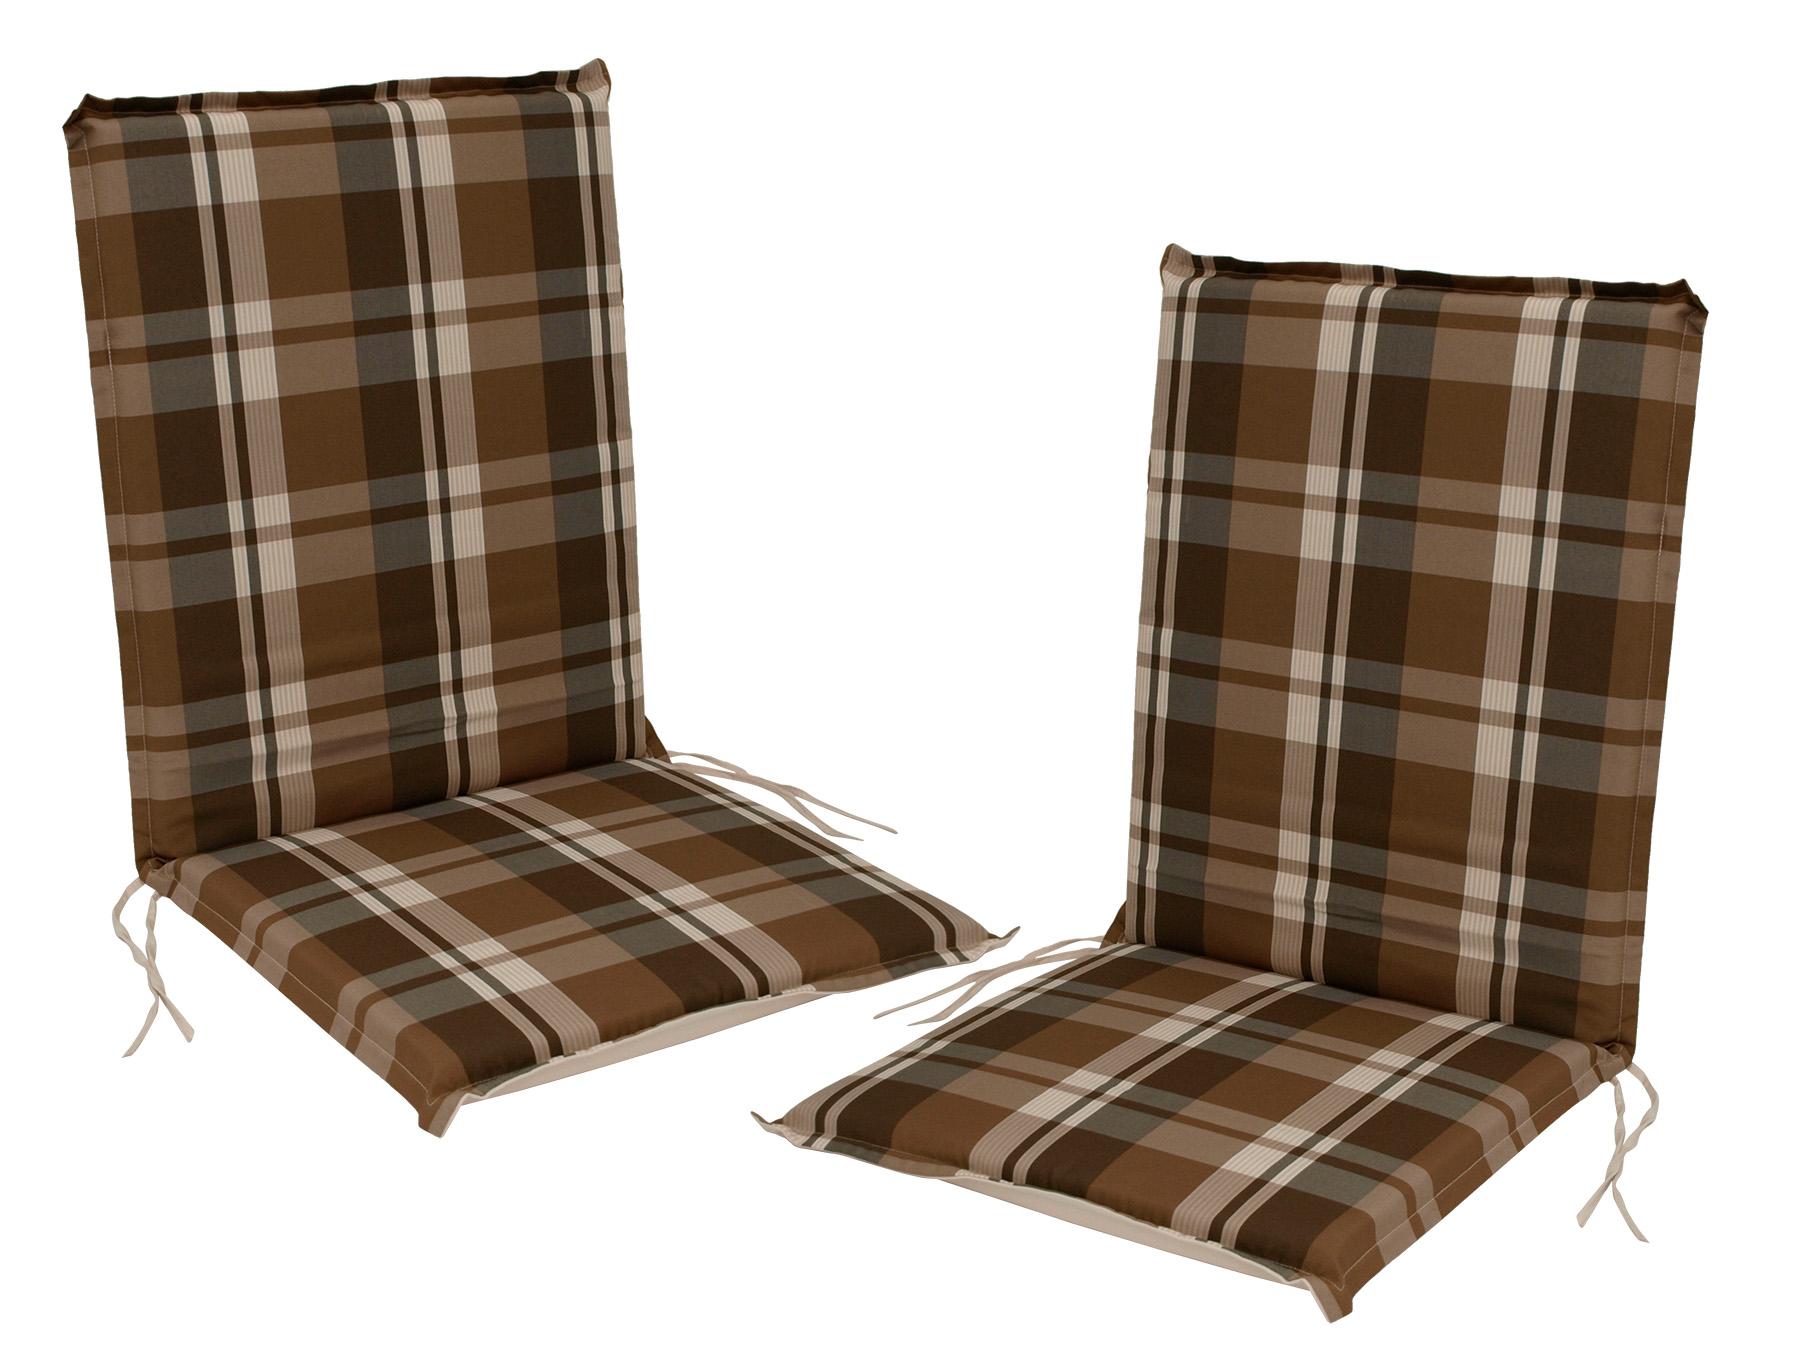 Auflage CAIRO für Stuhl, braun-kariert, 2 Stück